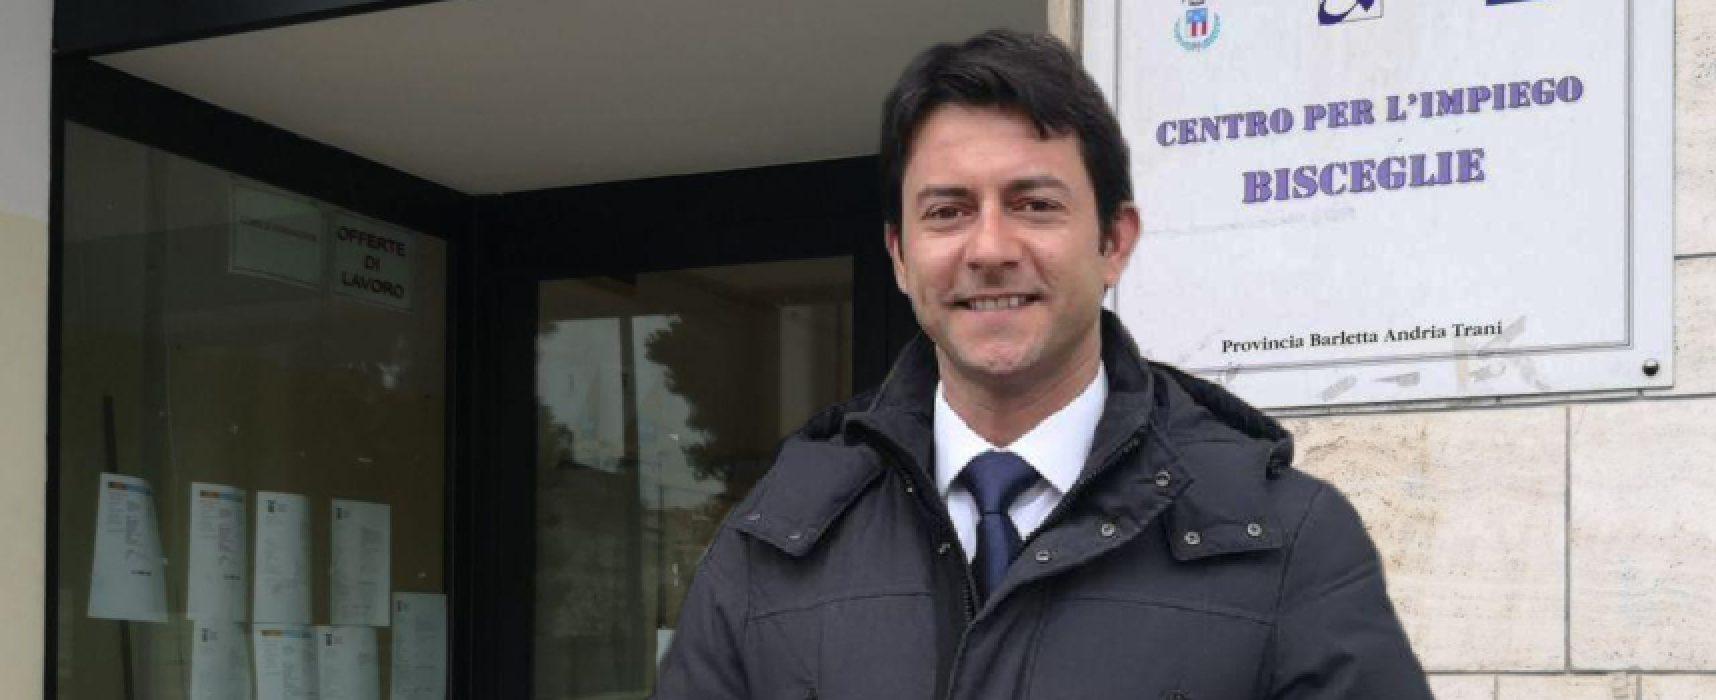 """Galantino (M5s) visita Centro per l'impiego: """"Servono ammodernamento e snellimento"""""""